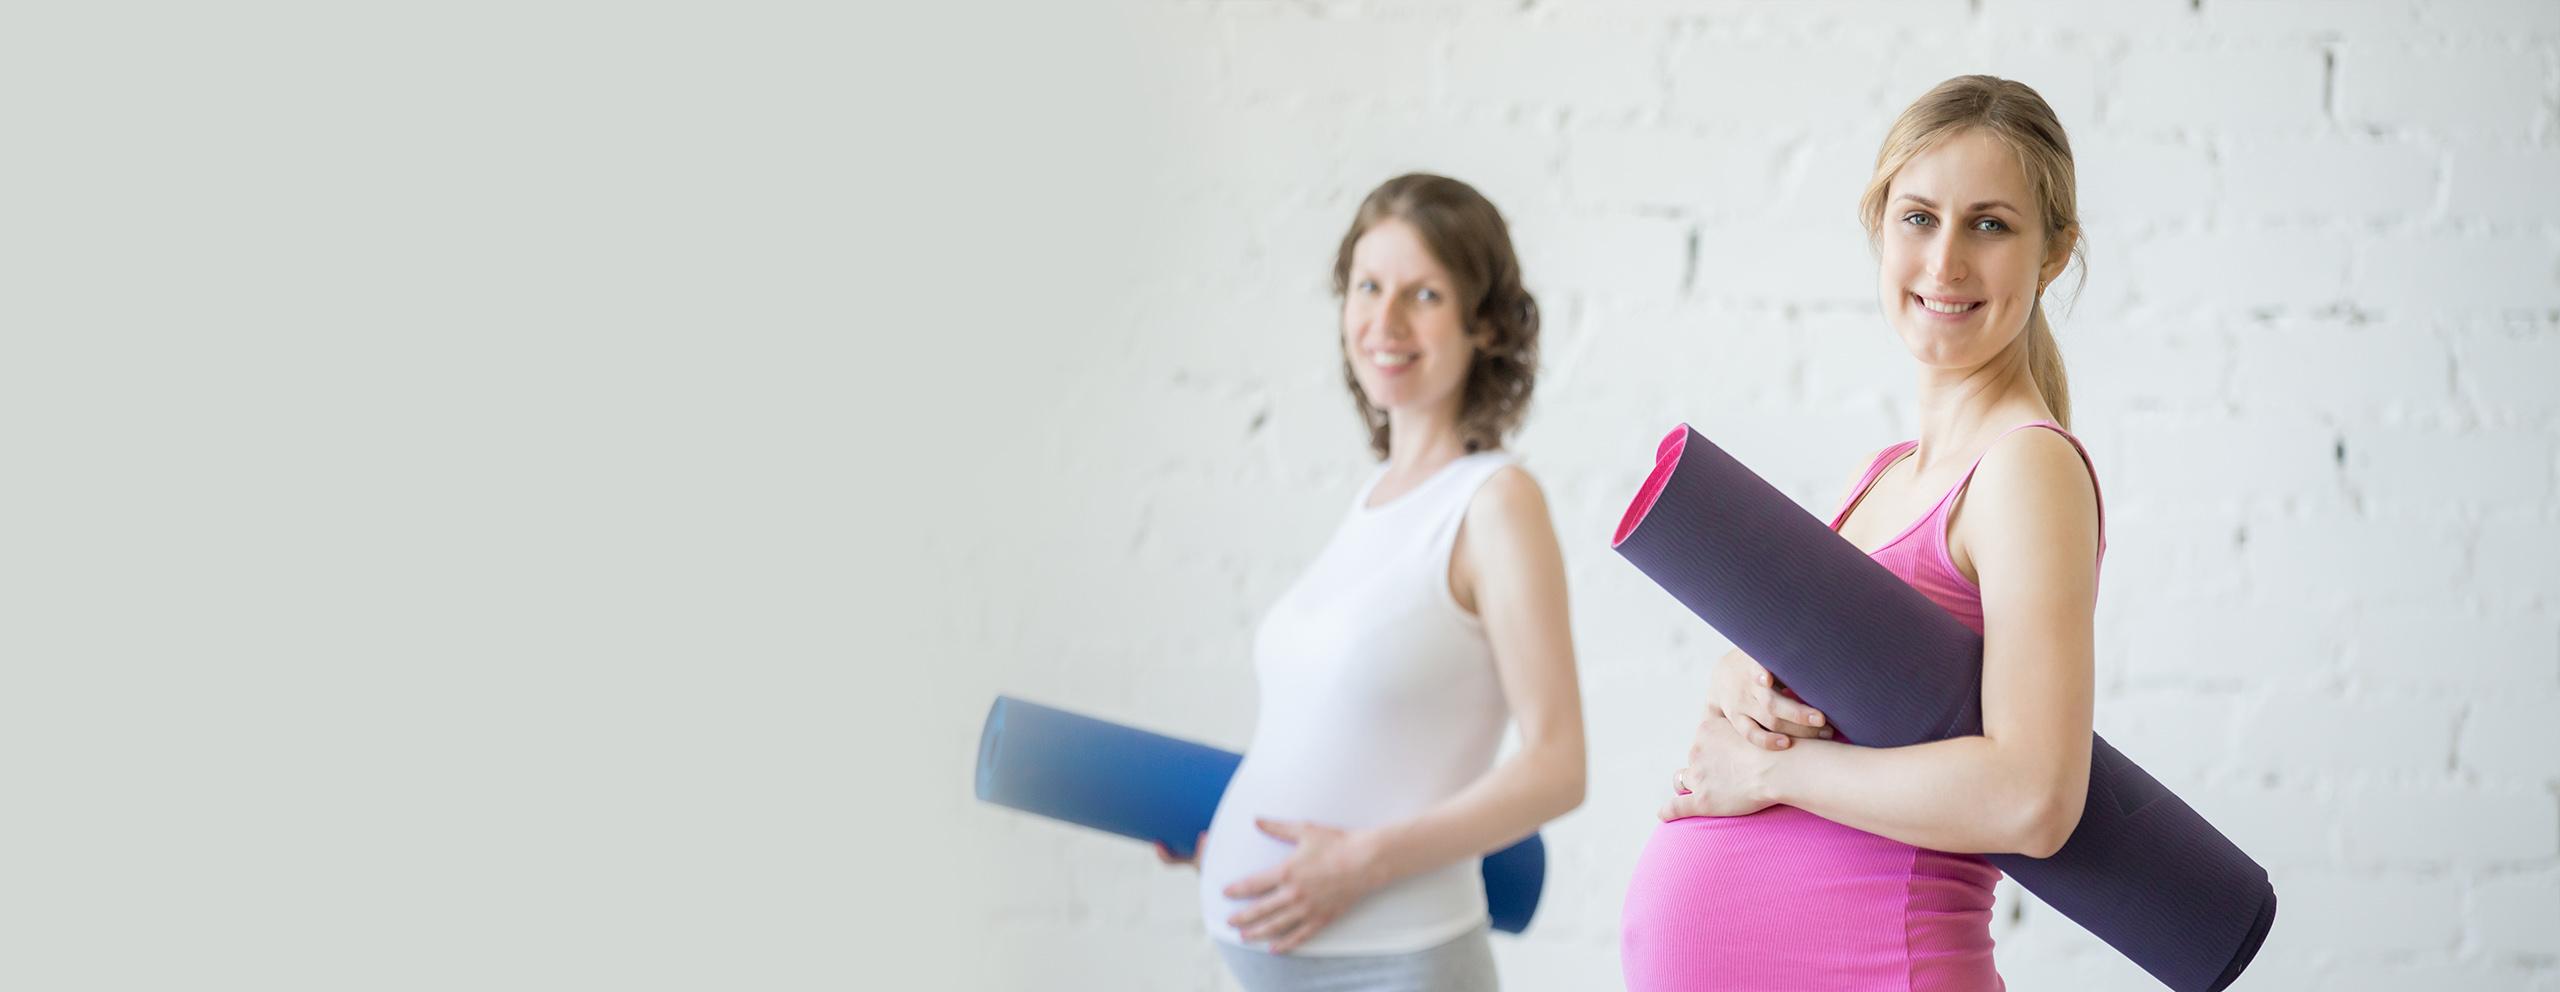 Doğuma hazırlık ve gebelik sürecine destek için gerekli gerekli gebelik eğitimini alan 2 anne adayı